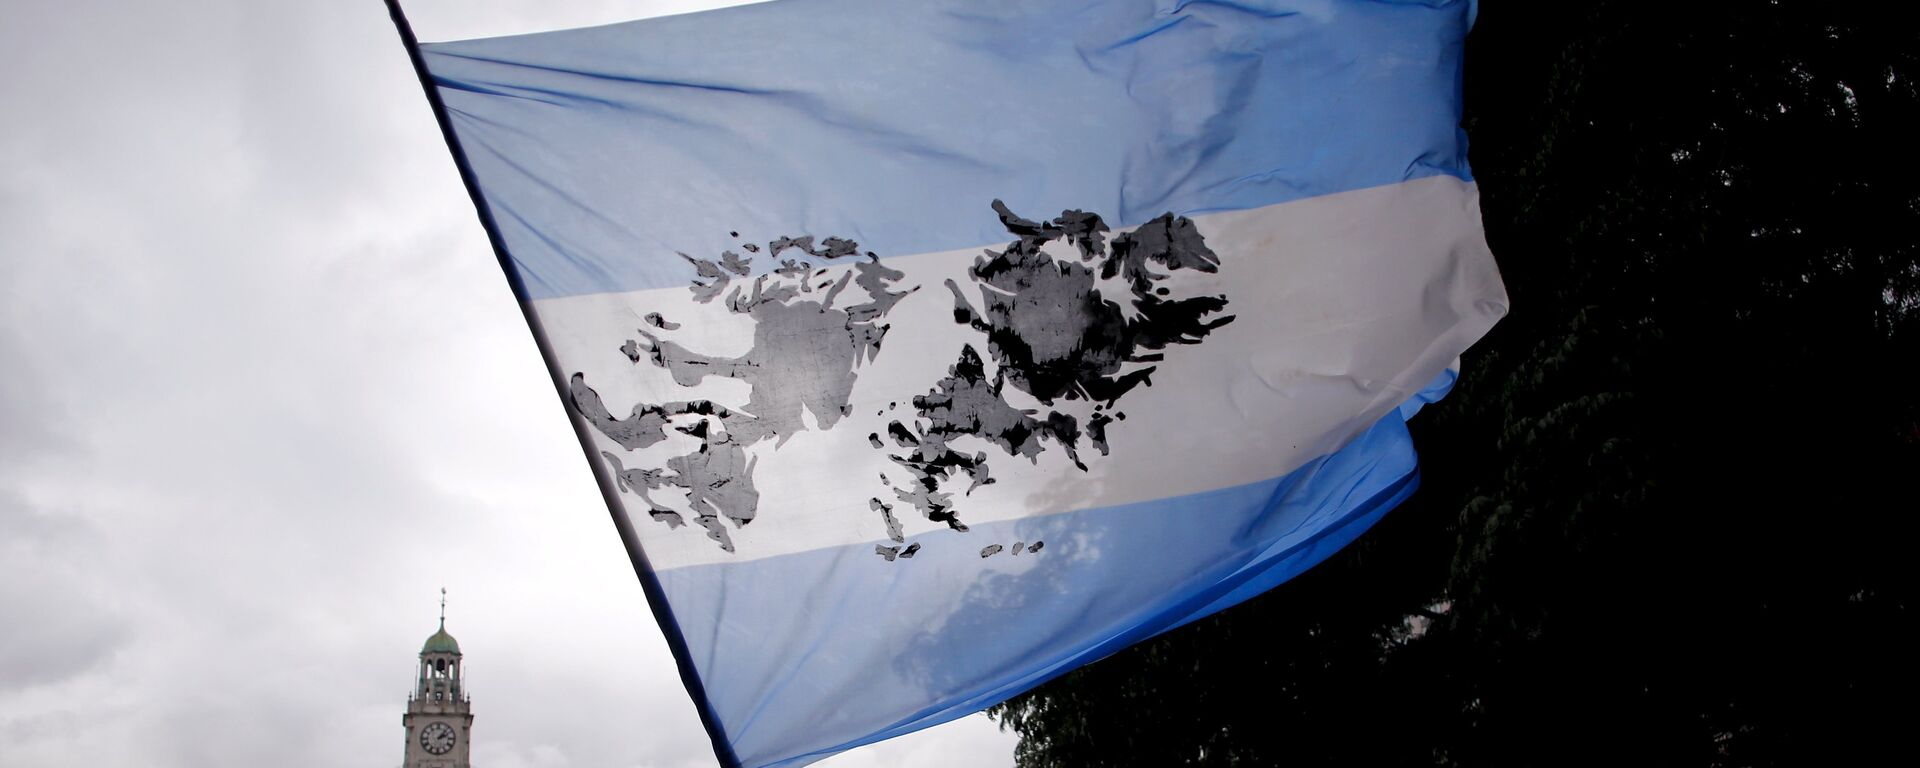 Islas Malvinas - Sputnik Mundo, 1920, 22.06.2021